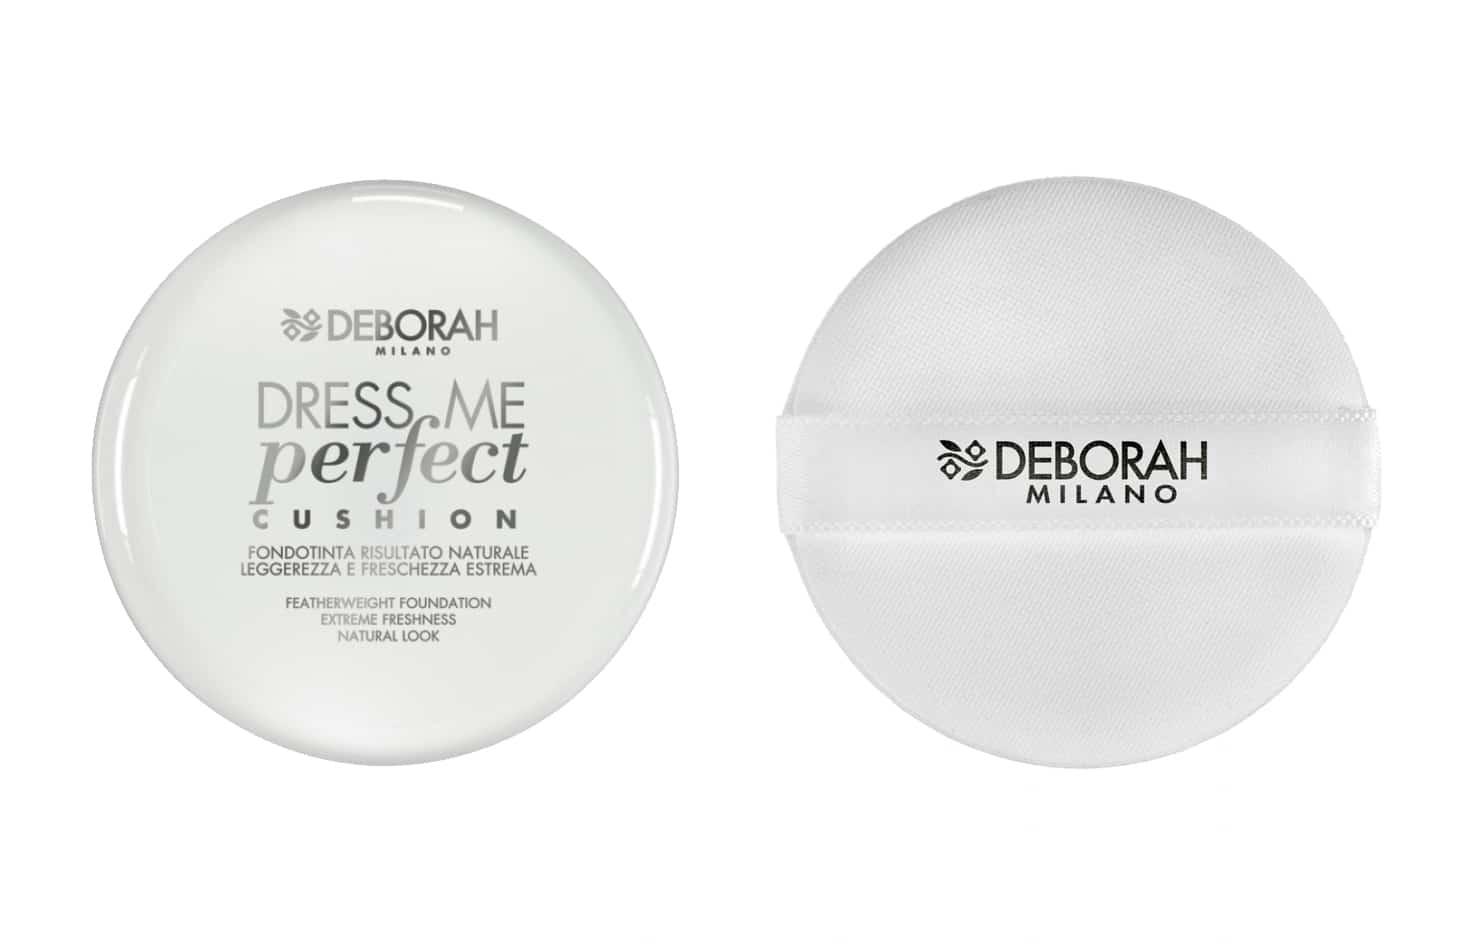 Deborah Dress Me Perfect Cushion Fondotinta: info, prezzo, recensione, opinioni, immagini, swatch, INCI